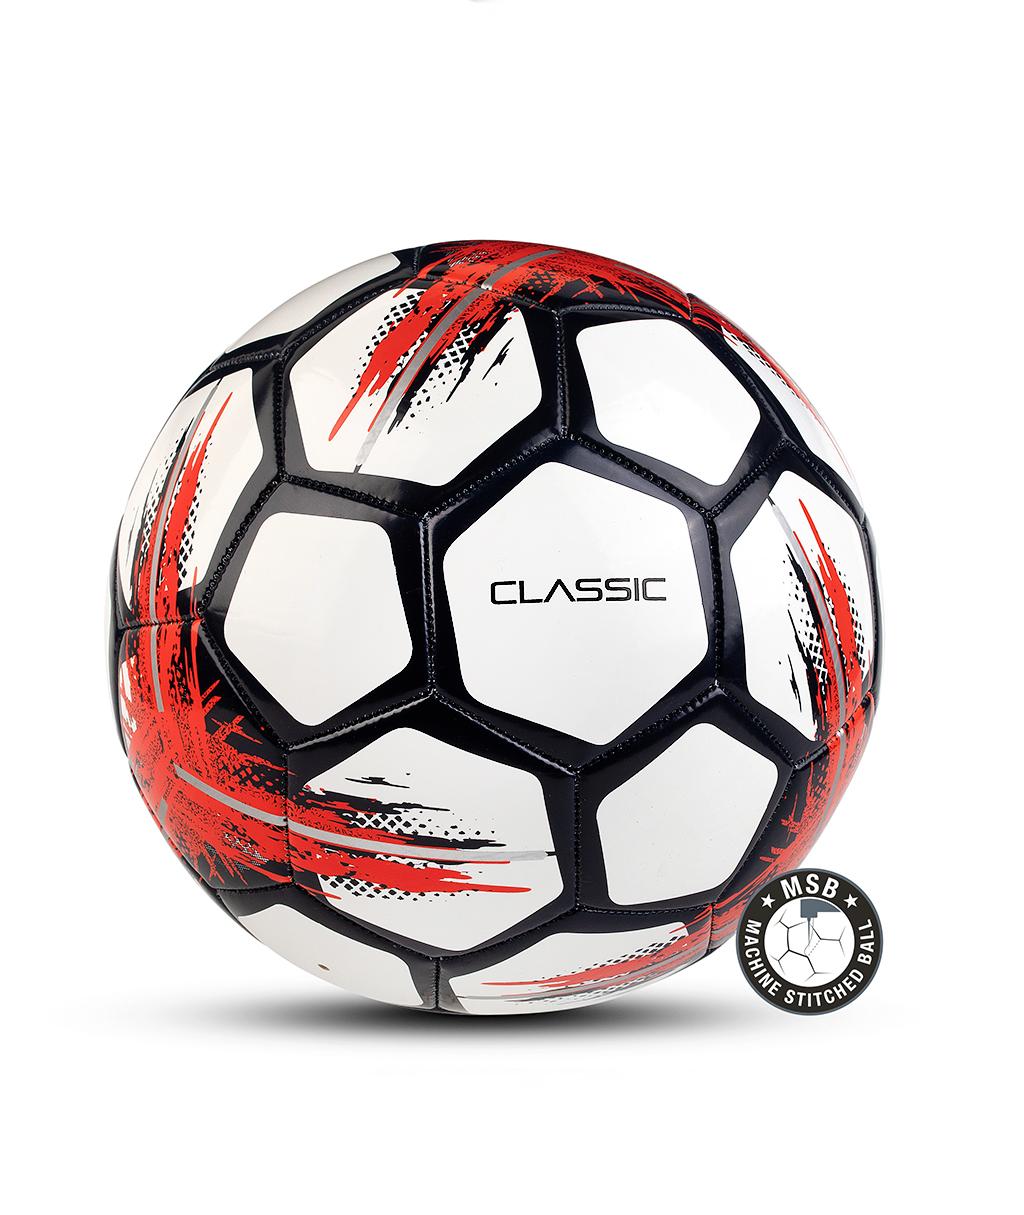 Купить мяч Select Classic 815320.001 белый в интернет-магазине